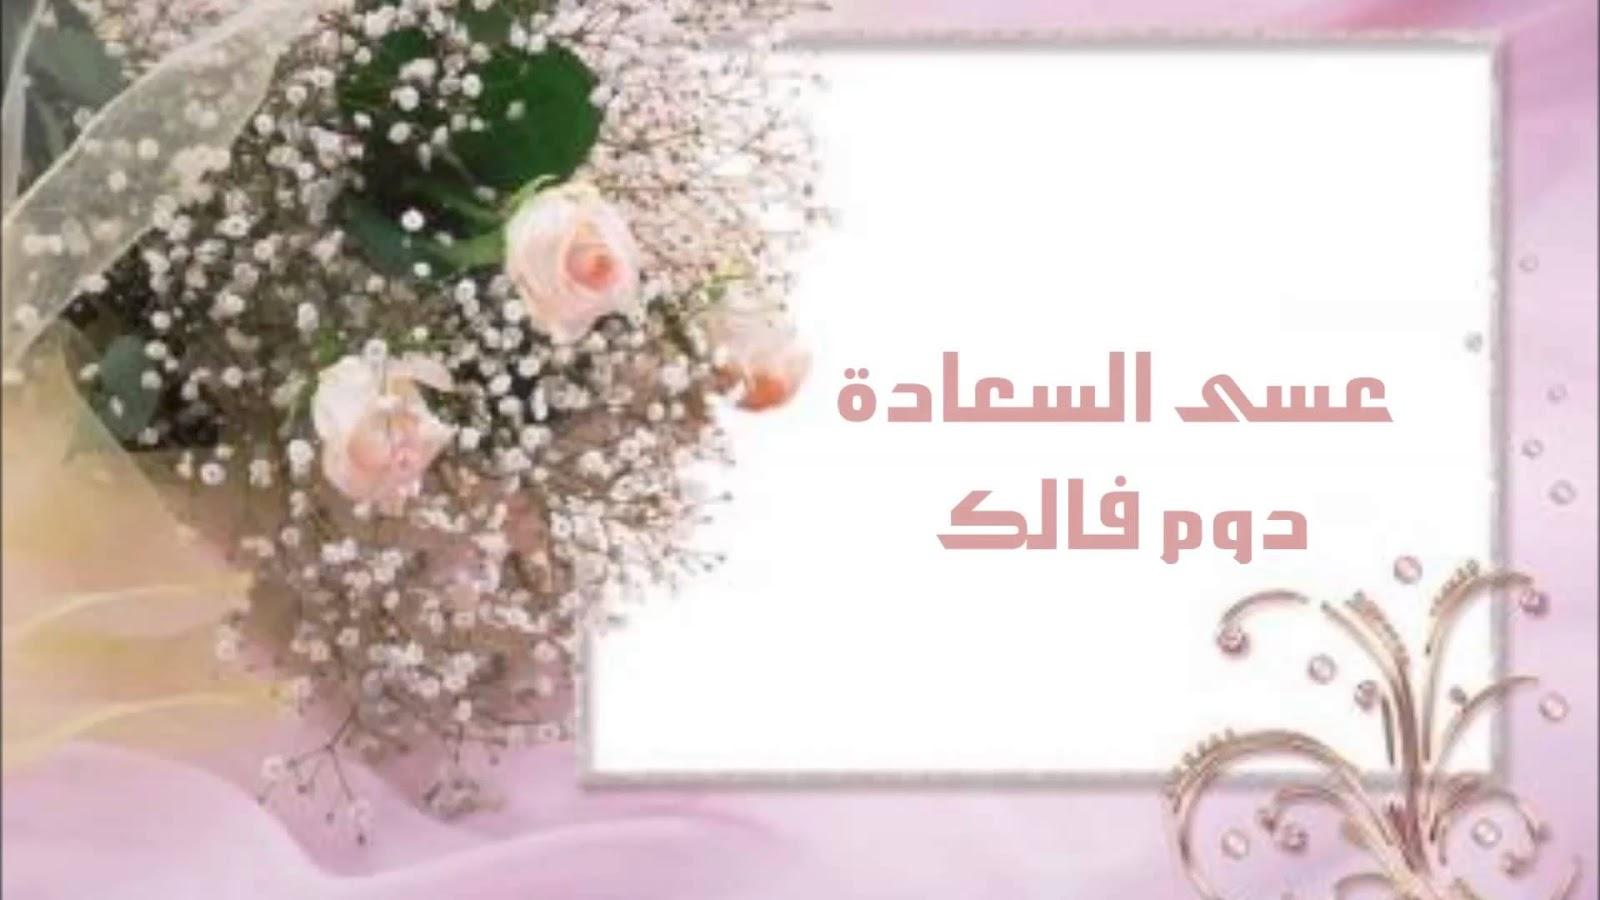 بالصور كلمات تهنئة بالزواج , اجمل الكلمات لتهنئه العروسين بالزواج 6043 5